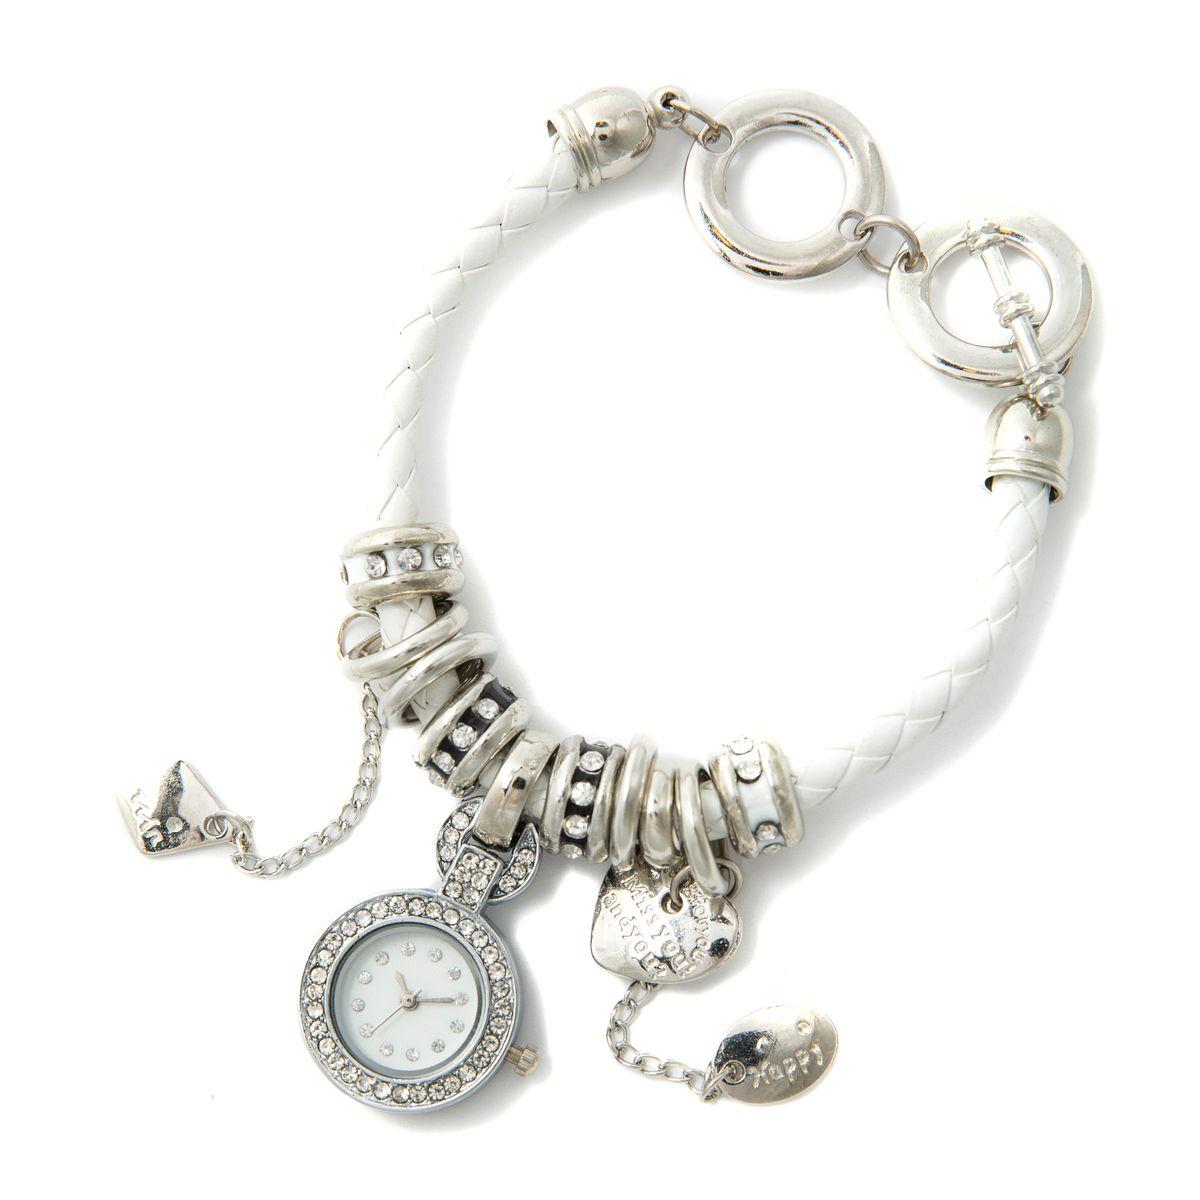 Часы наручные женские Mitya Veselkov. BRASW-WHIBRASW-WHIНаручные женские часы оснащены кварцевым механизмом. Корпус часов выполнен из нержавеющей стали. Модель оснащена оригинальным ремешком.